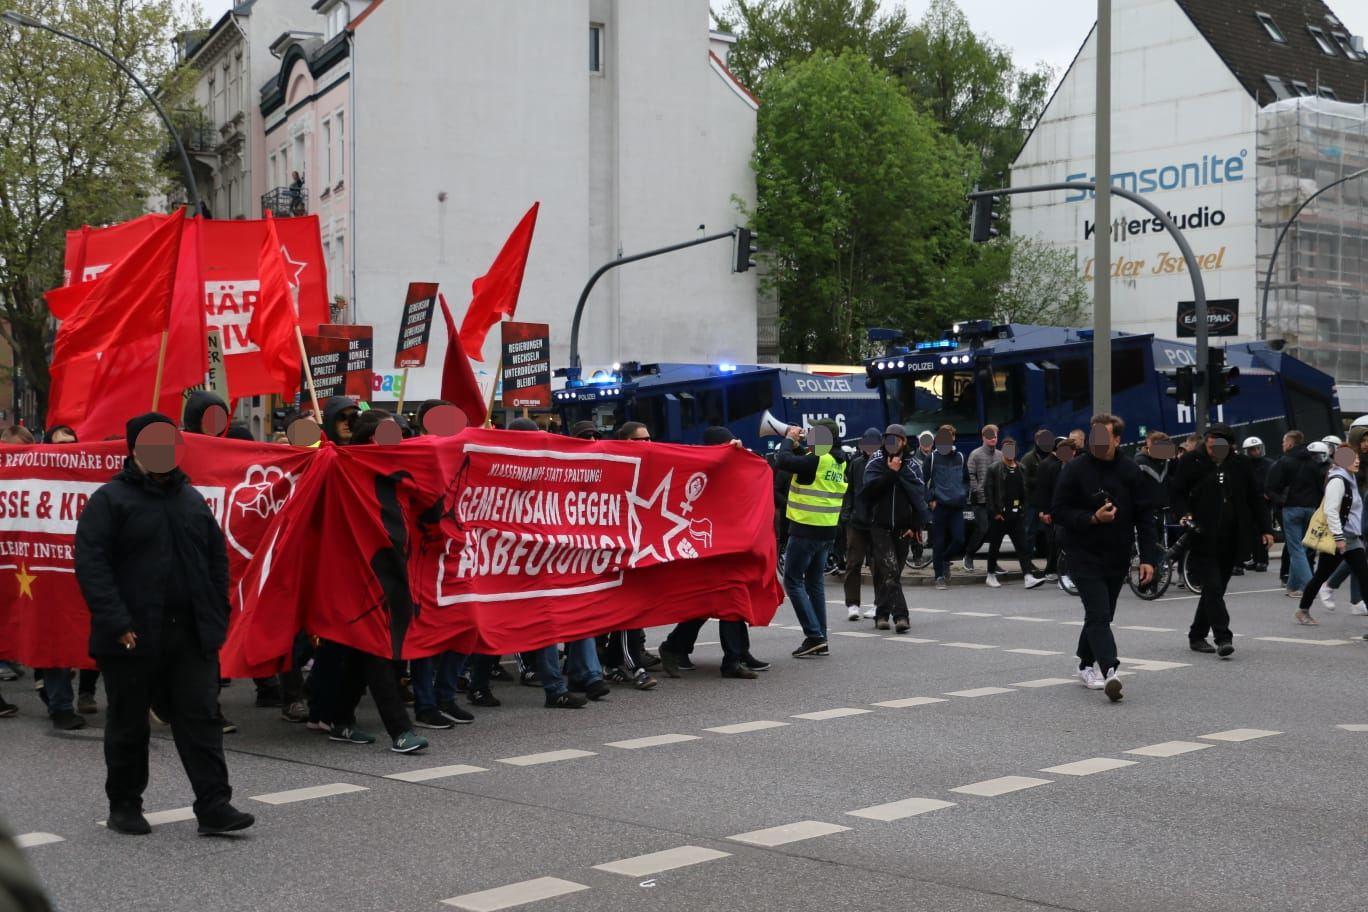 Der Protestzug erreicht die Osterstraße. Foto: Niklas Heiden